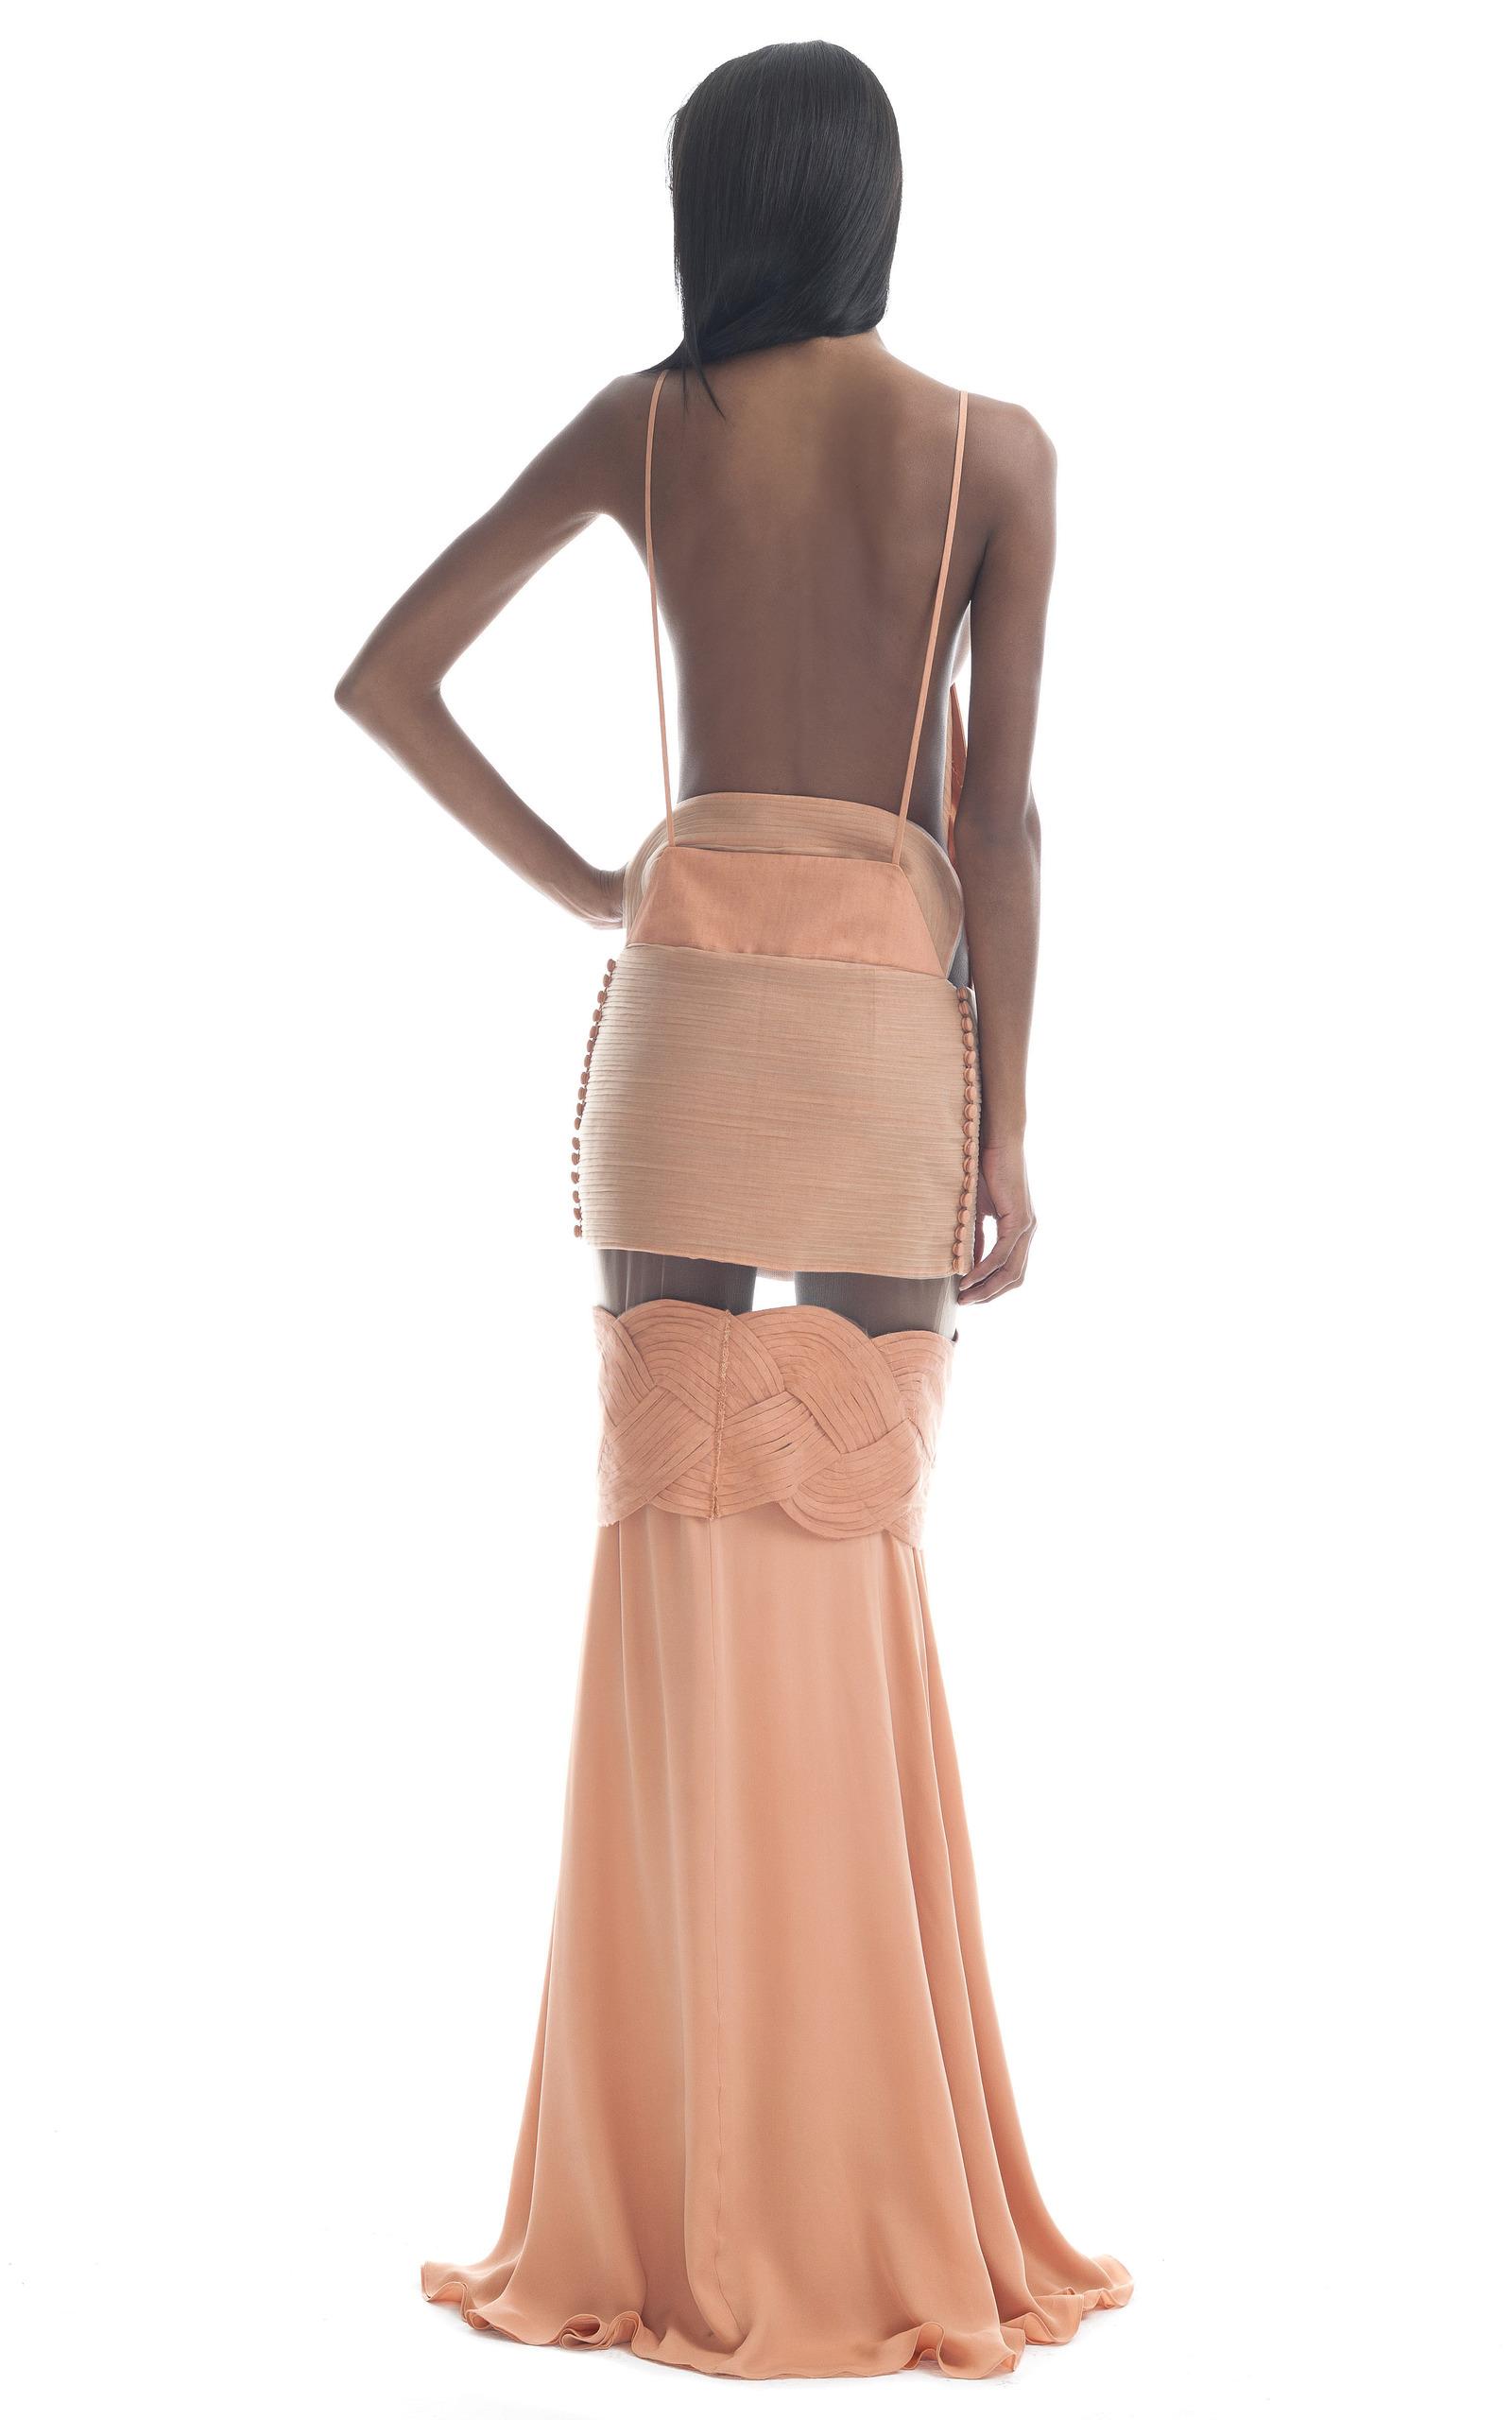 Bright Nude Illusion Gown By Paula Raia  Moda Operandi-3426